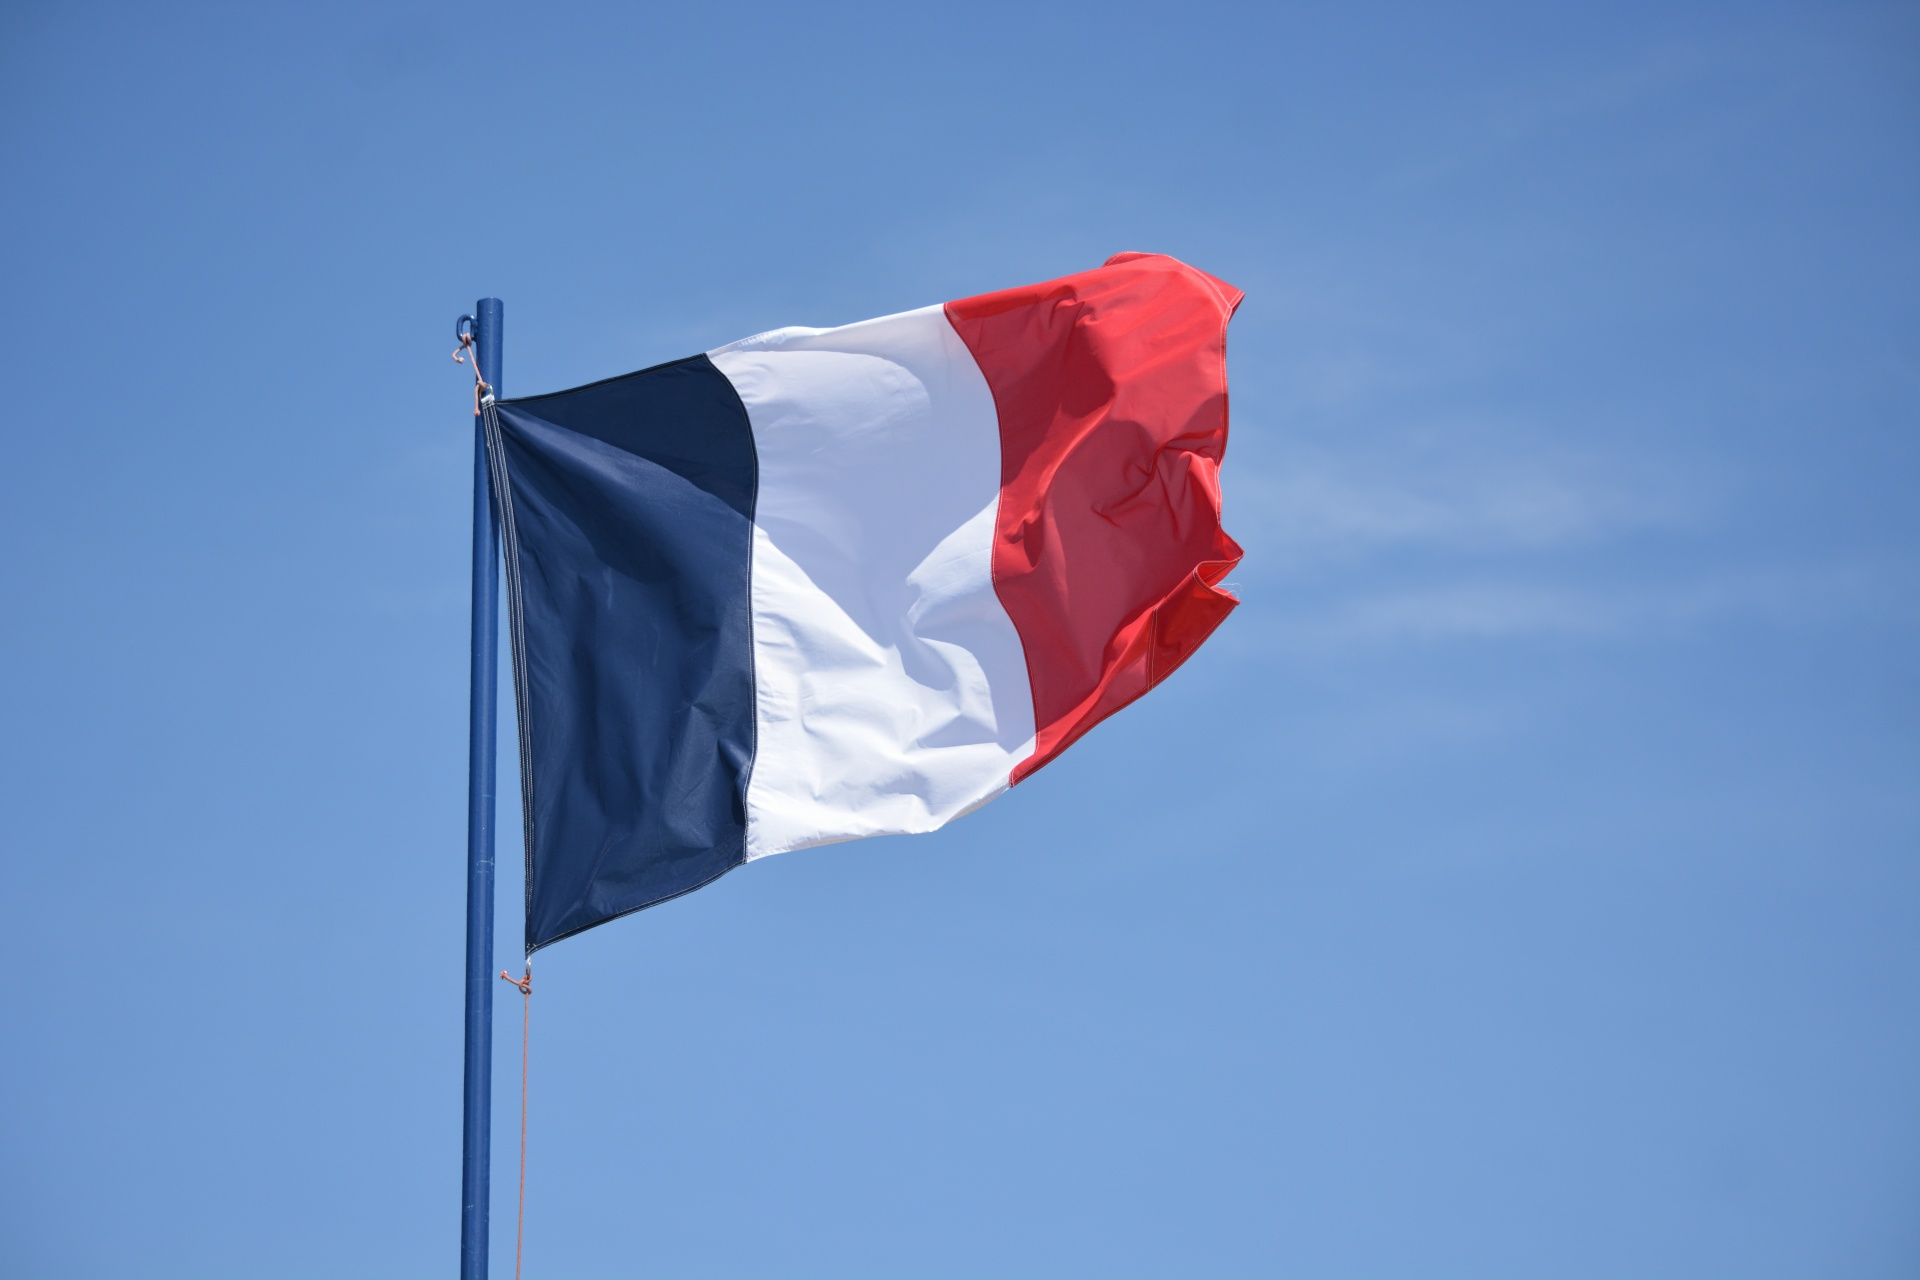 Francia bandiera 1920x1080 20200508 001 v2